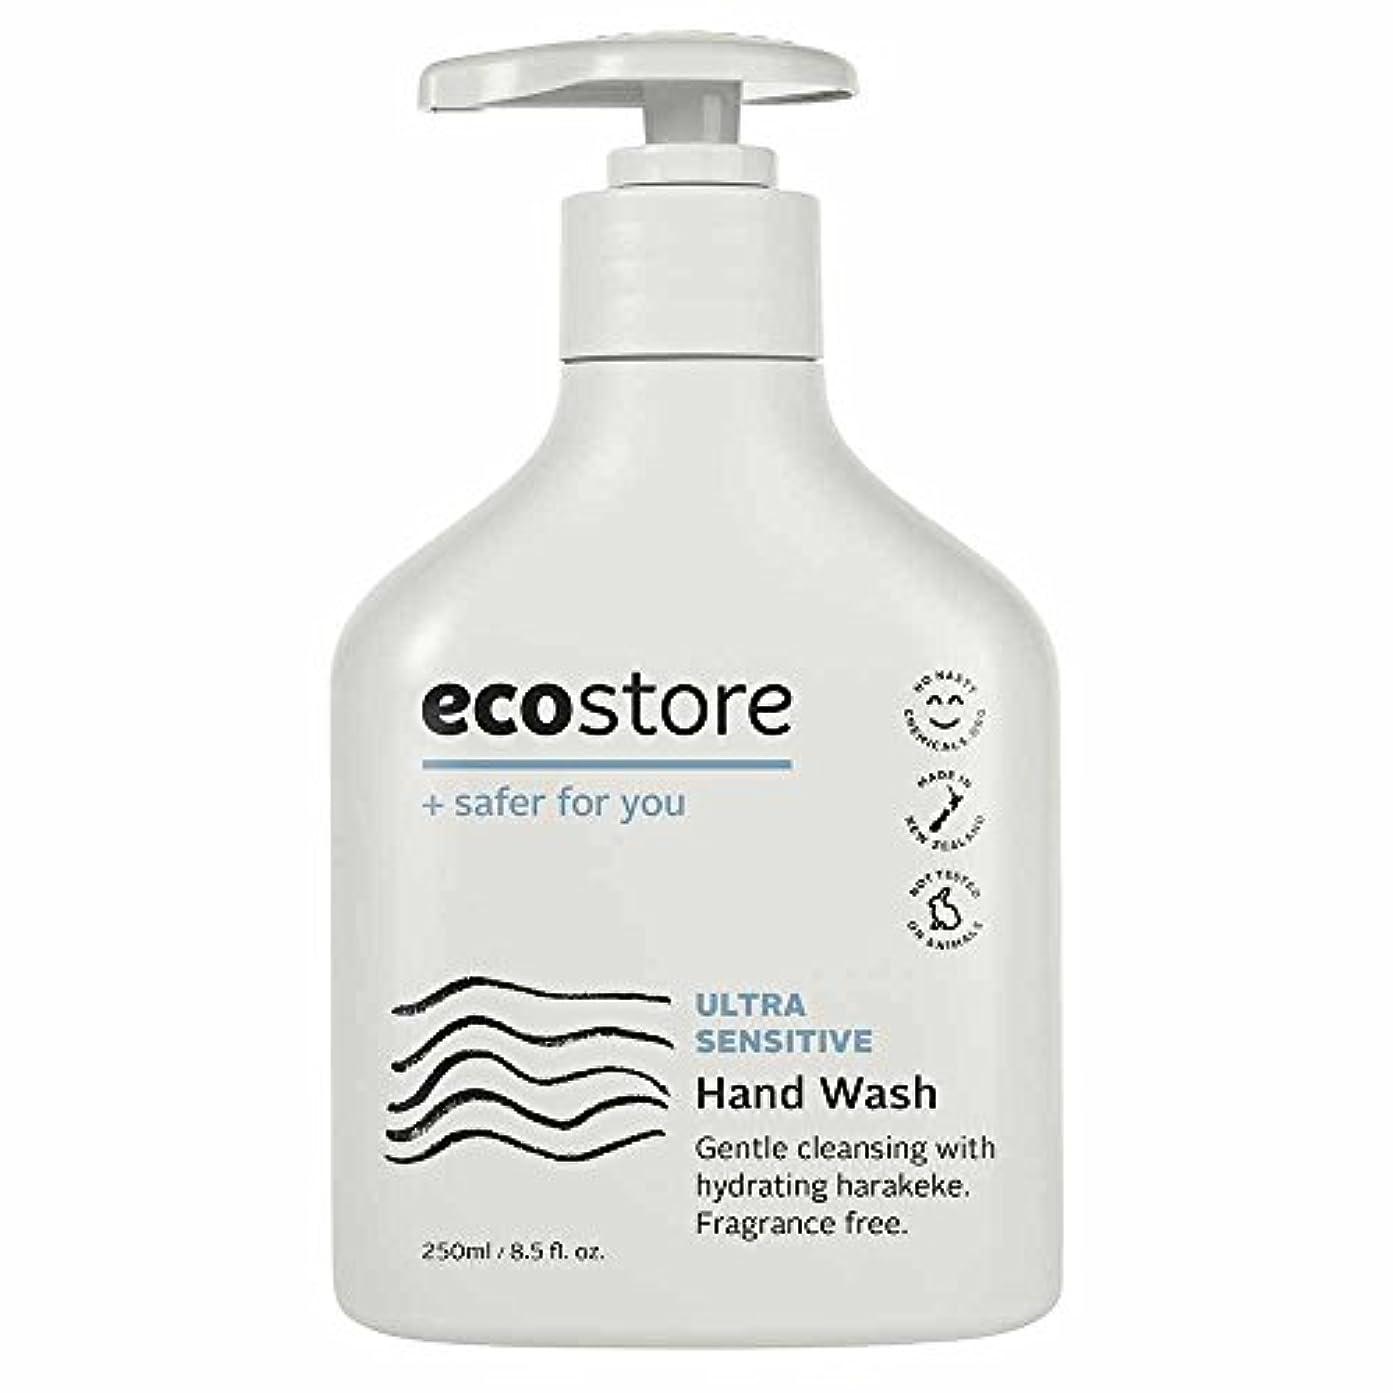 爬虫類底計算可能ecostore(エコストア) ハンドウォッシュ 【無香料】 250ml 液体タイプ